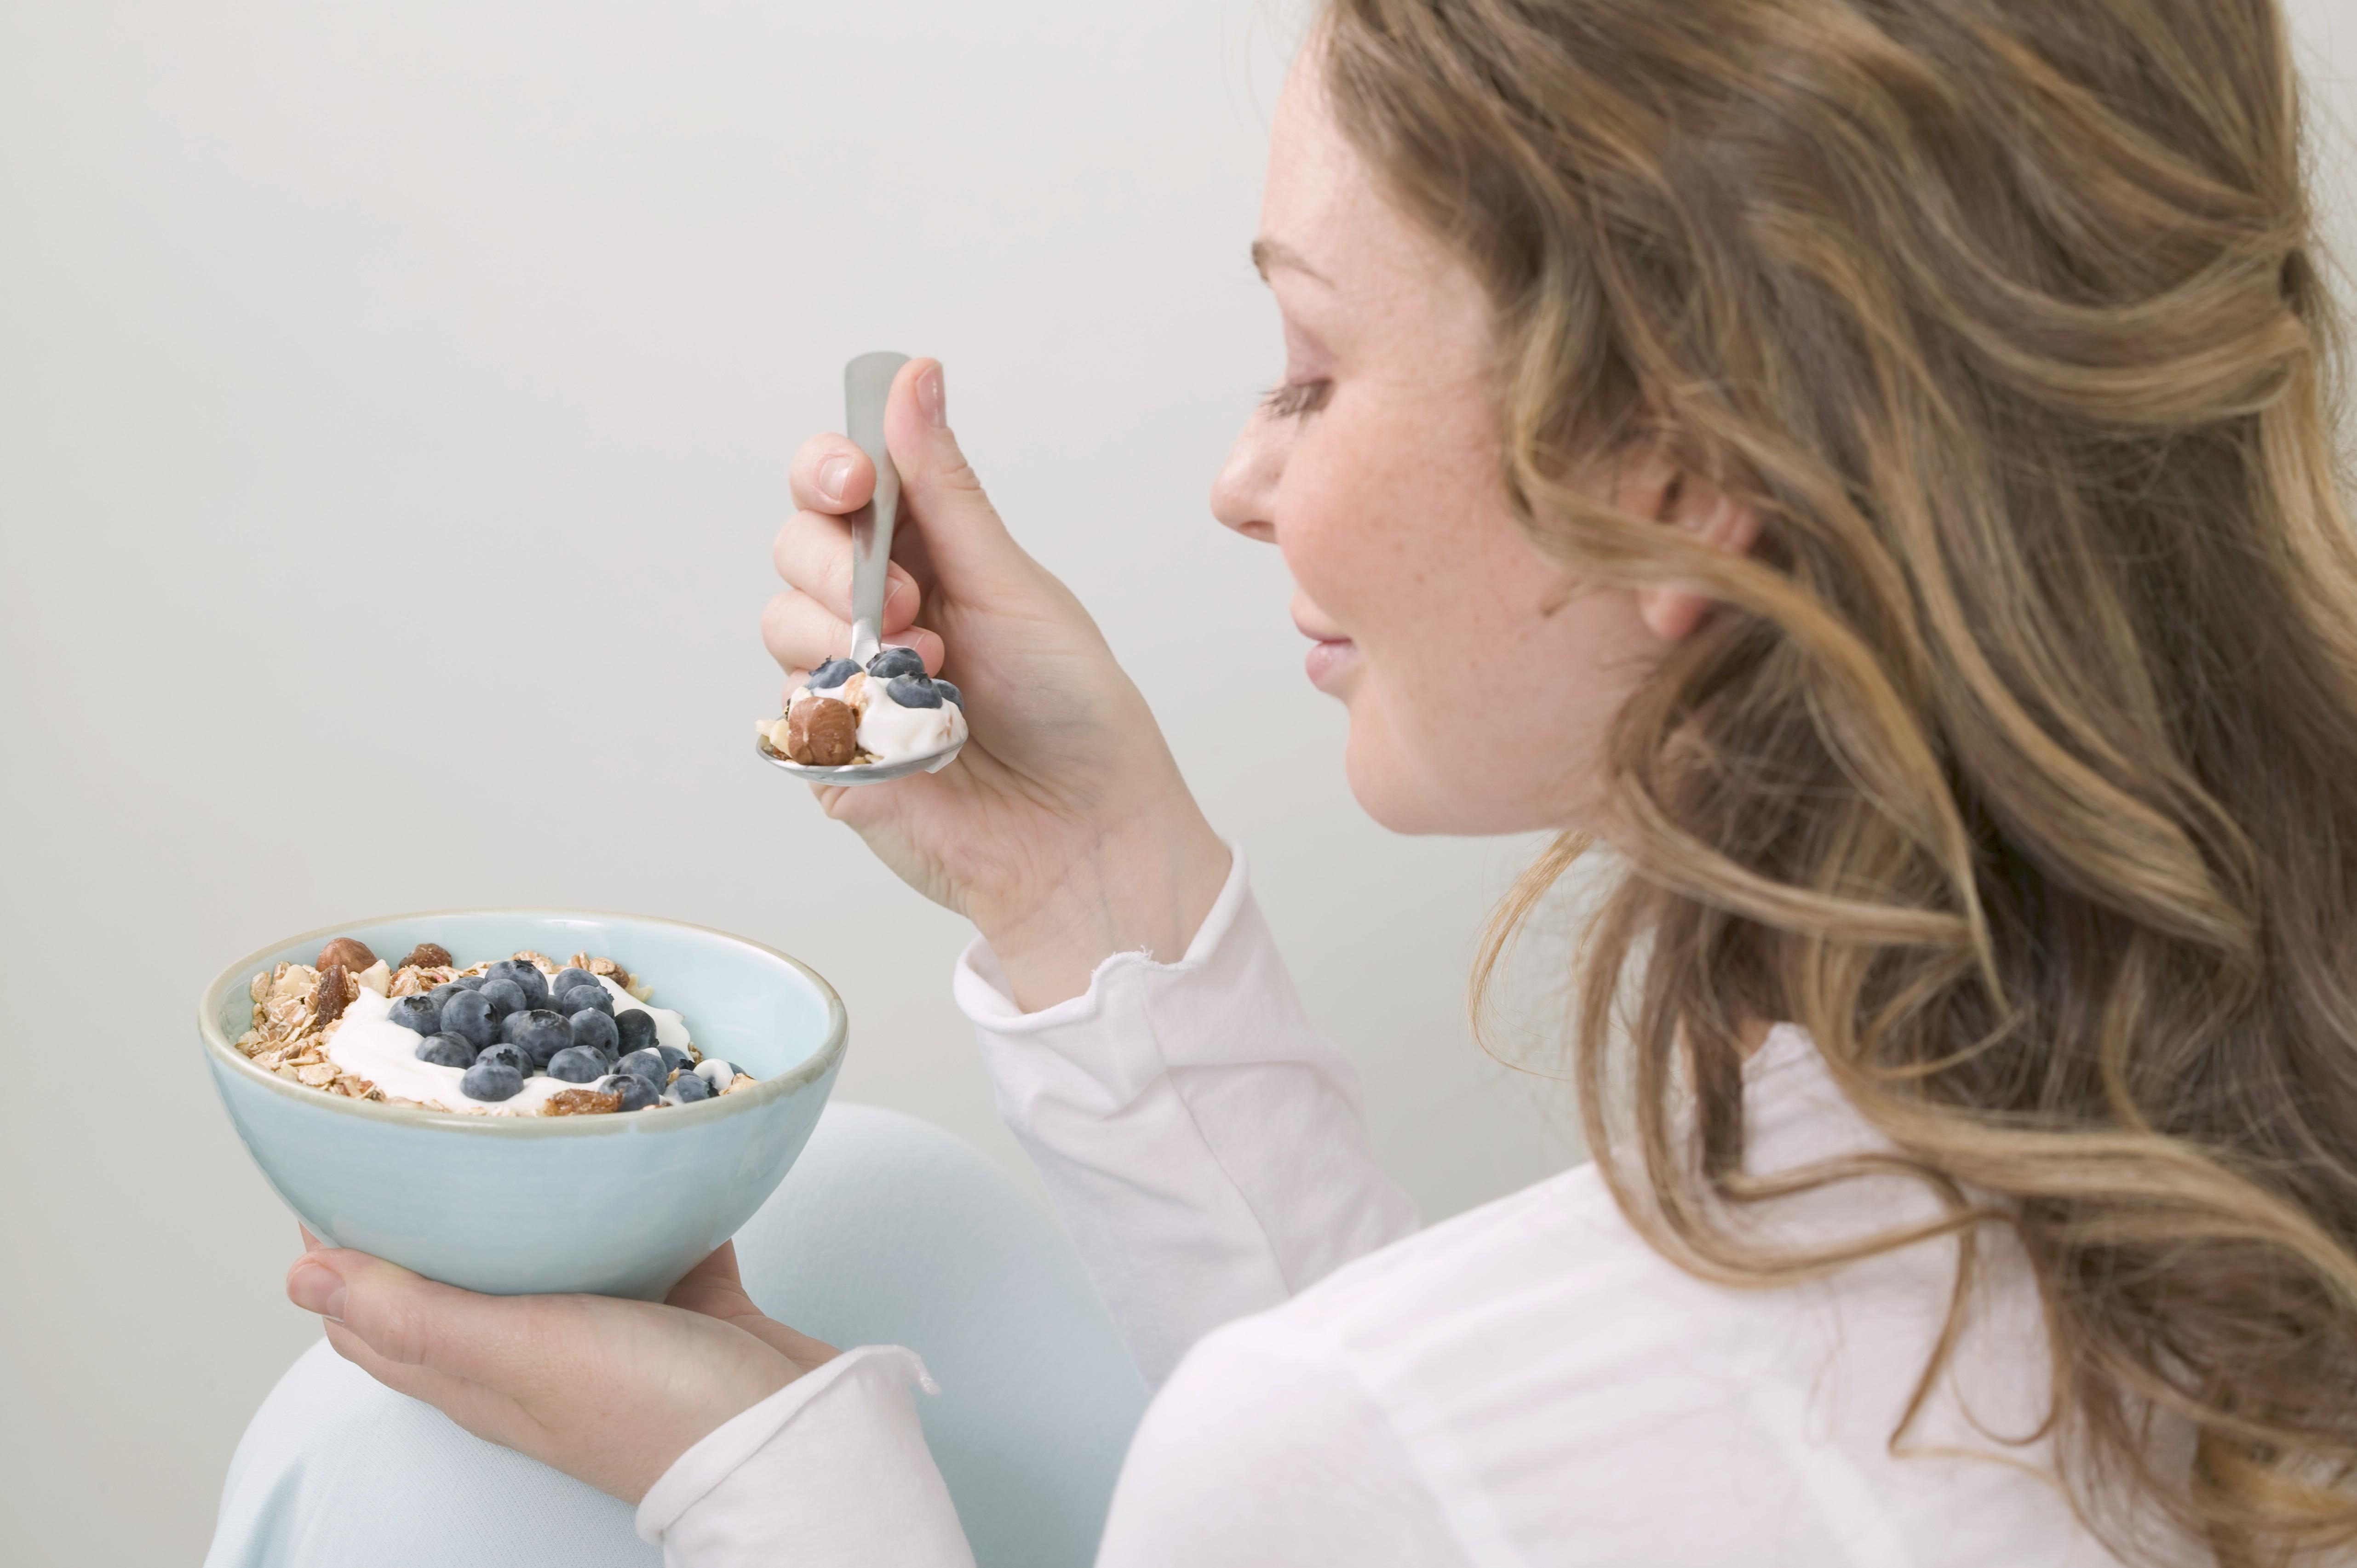 Ce beneficii ai dacă vei consuma semințe de bostan - Dietă & Fitness > Nutritie - secretfantasy.ro